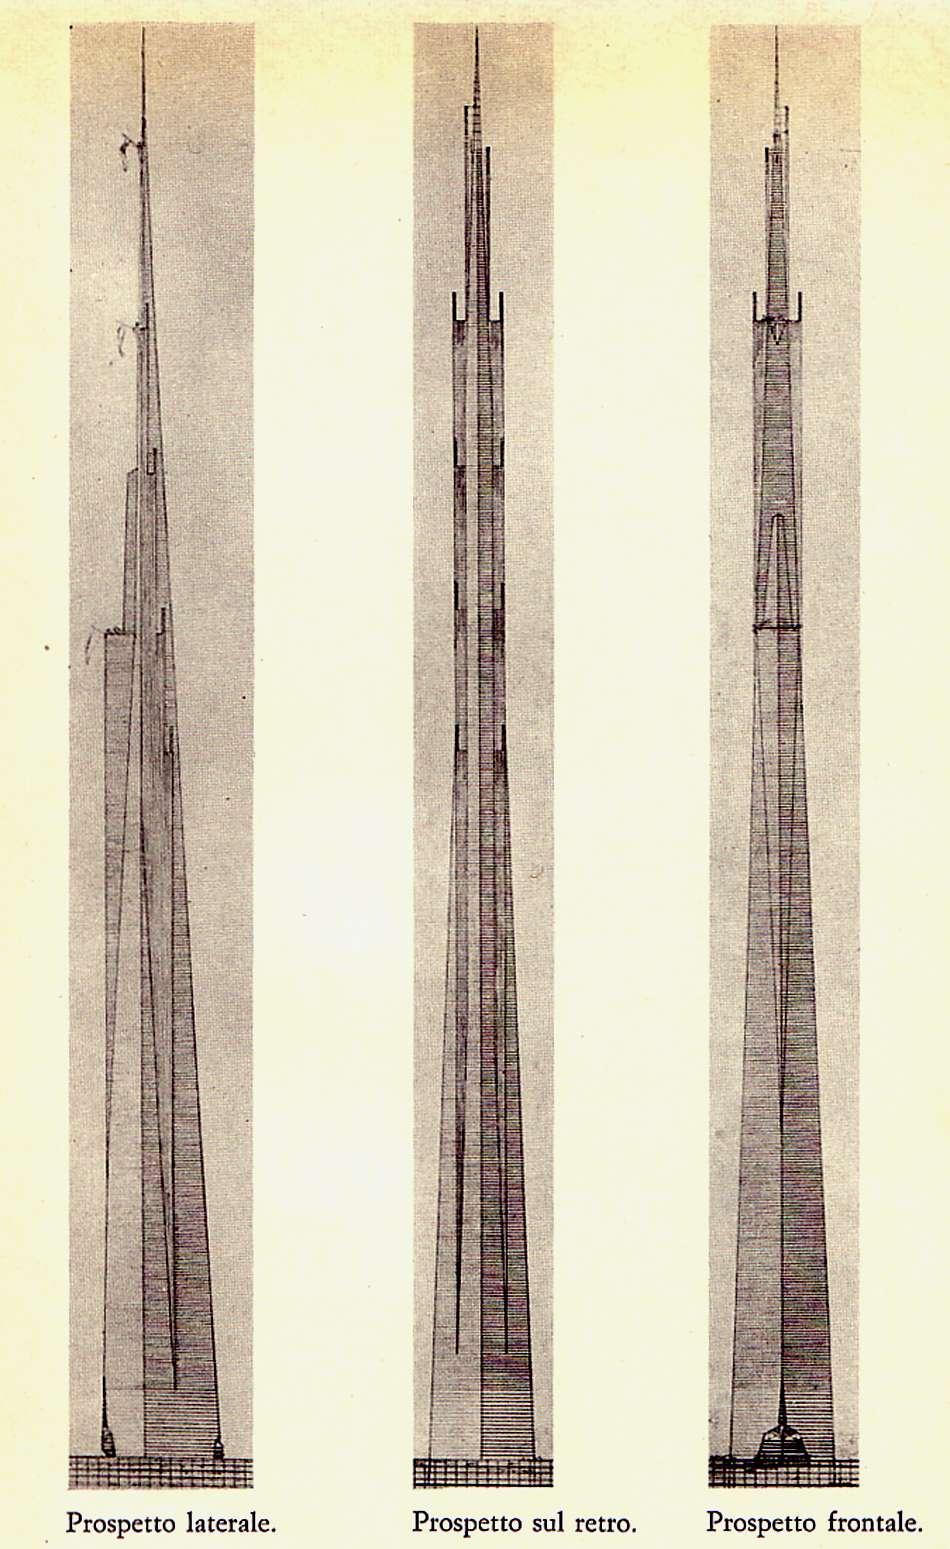 Grattacieli for Franco piani di lloyd wright